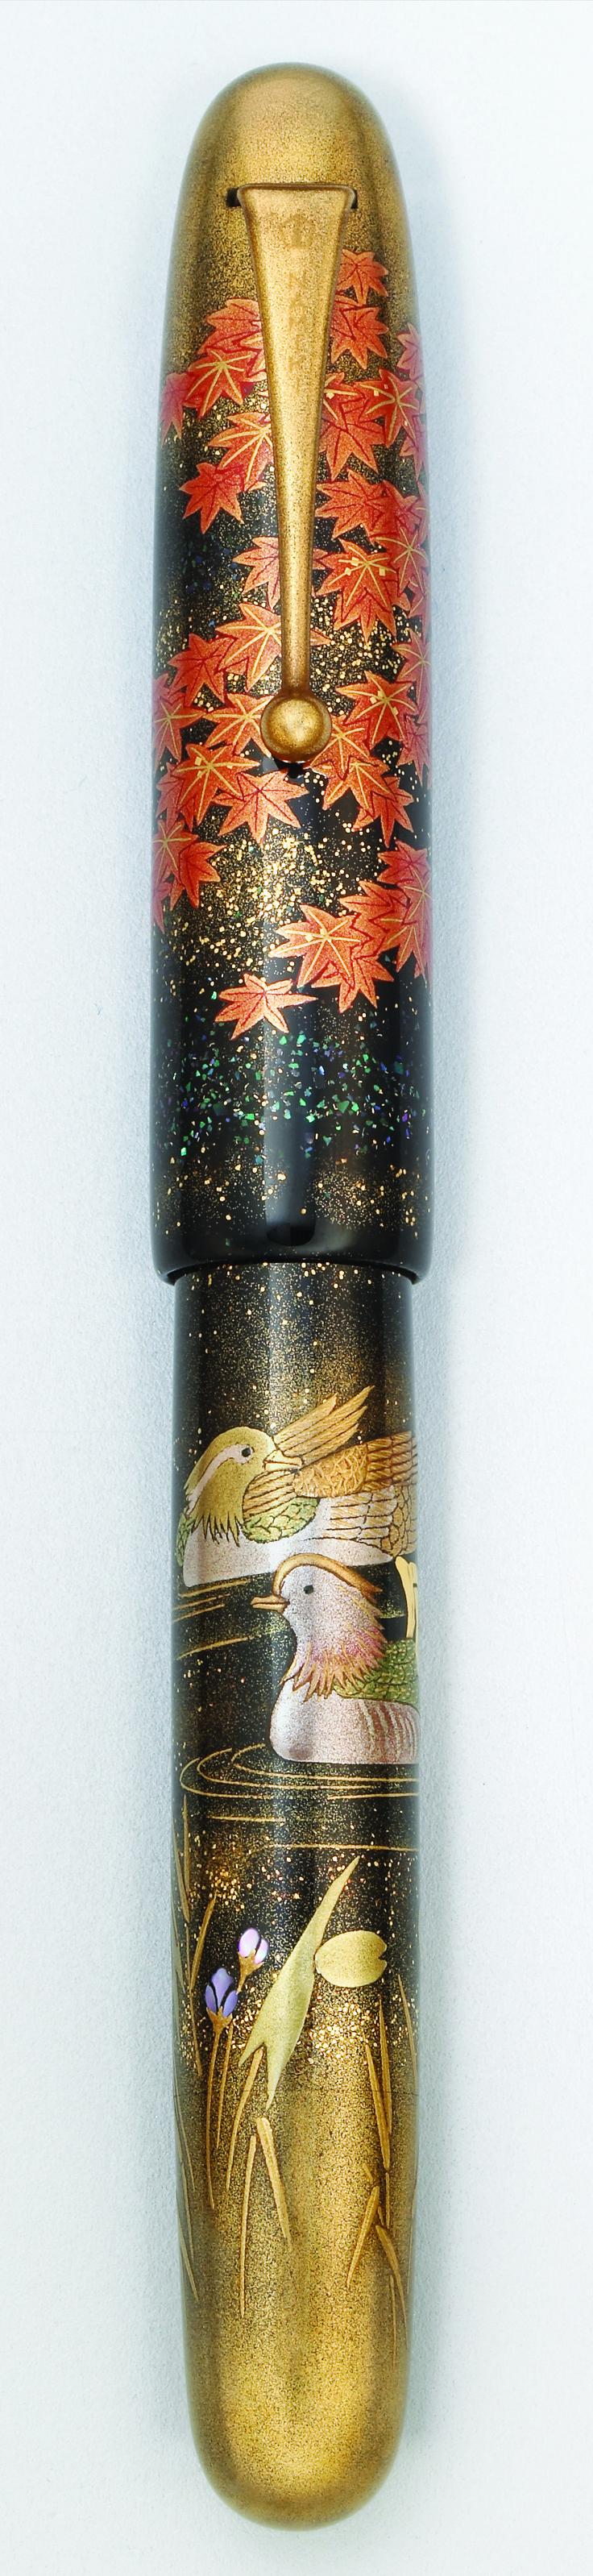 Pilot, Namiki Maki-e, the Emperor Collection: Mandarin Duck